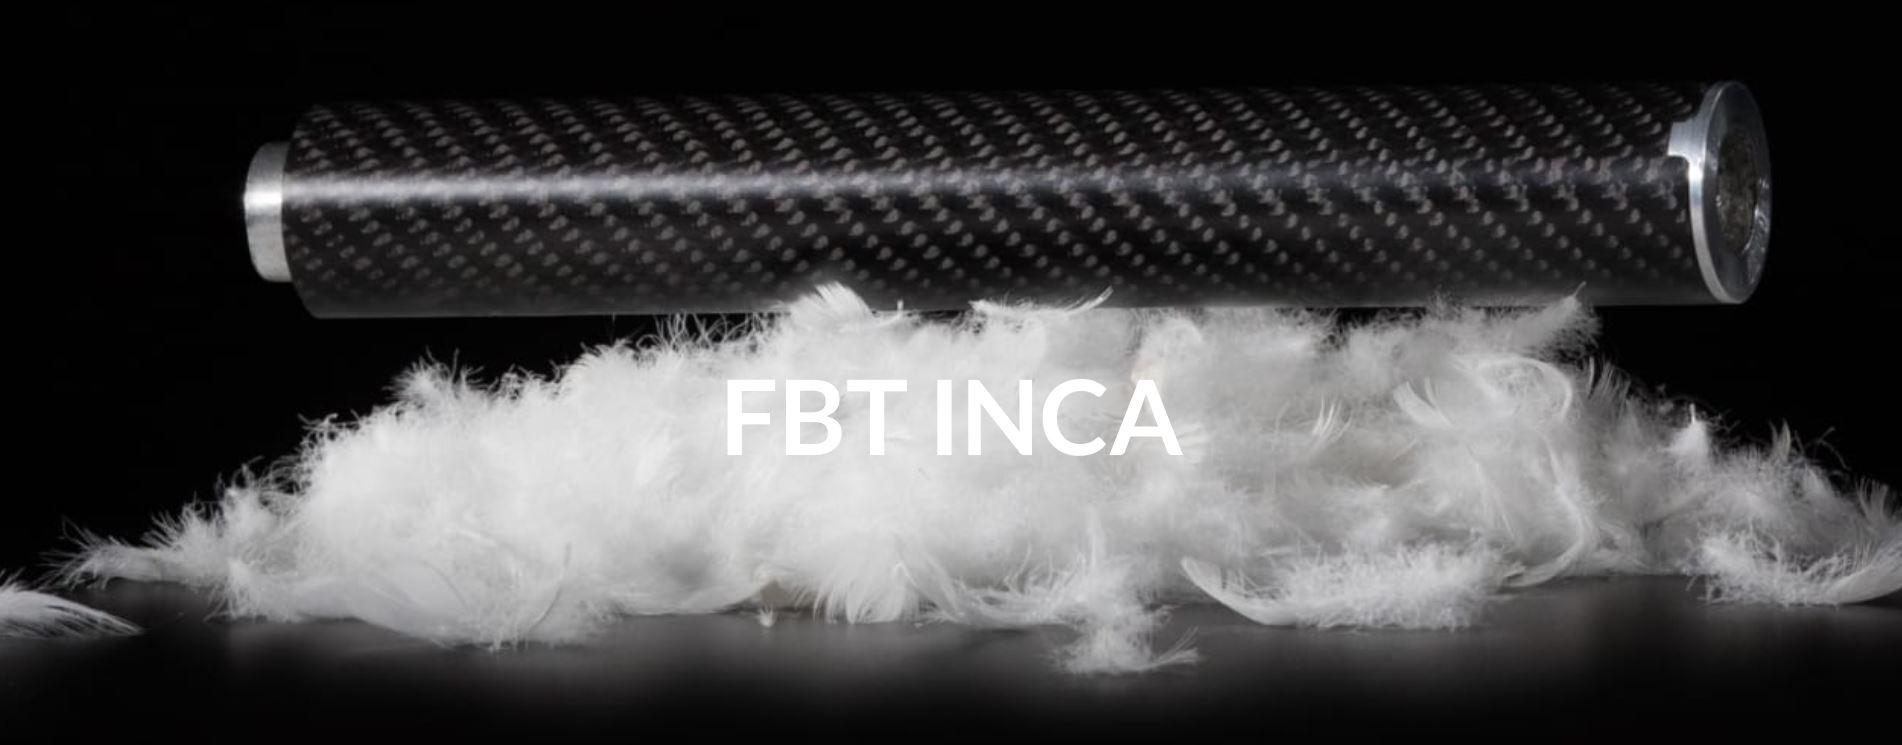 FBT-INCA-federleicht